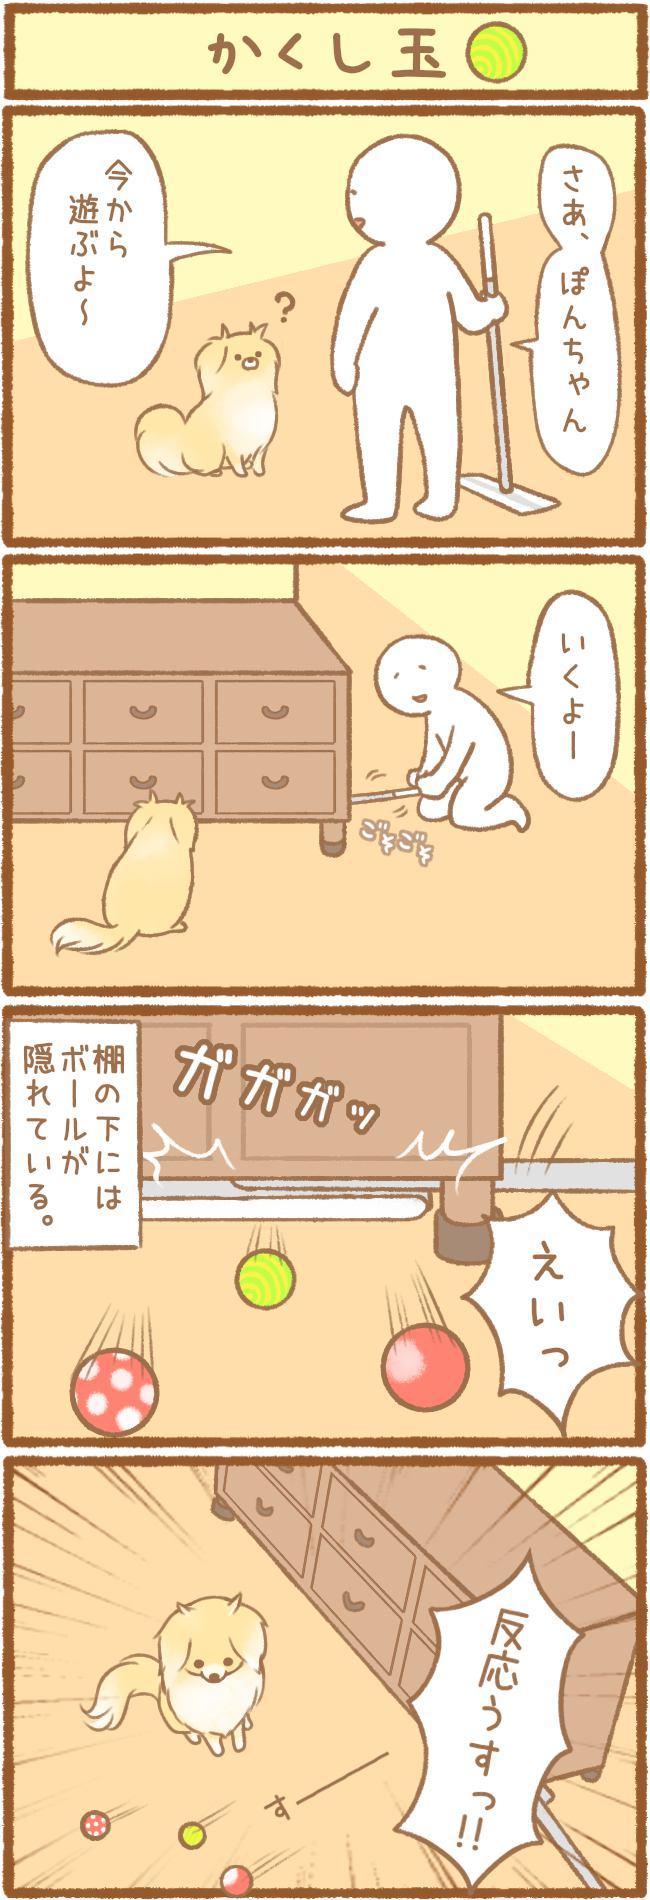 ただの犬好きです。第58話 かくし玉○